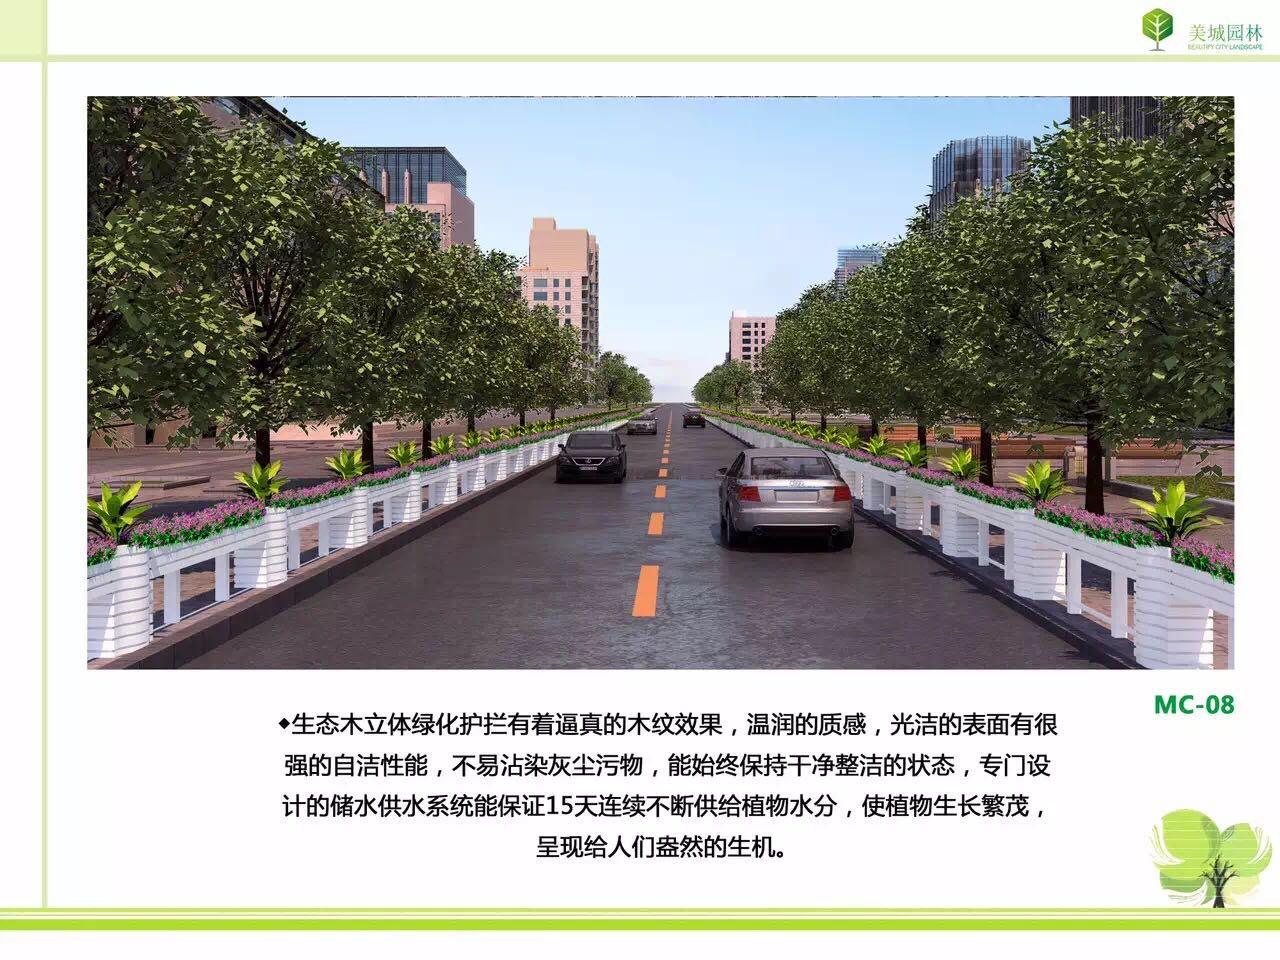 立体绿化护栏 城市绿化护栏 绿化护栏价格 鼎邦